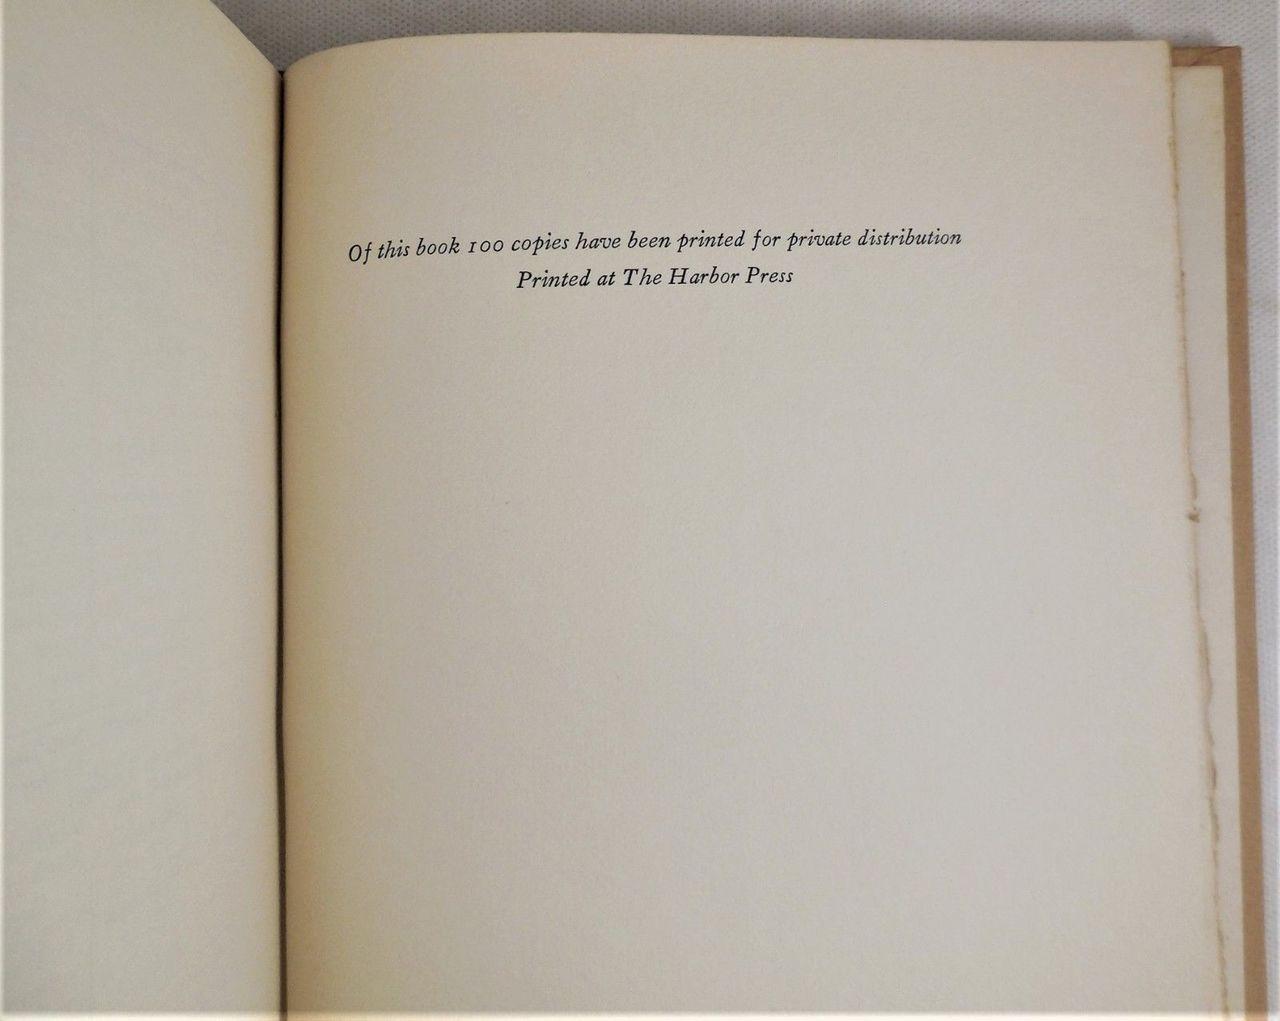 THREADS OF MEMORY, by Mary Eva Hird - 1932 [1st Ltd Ed]